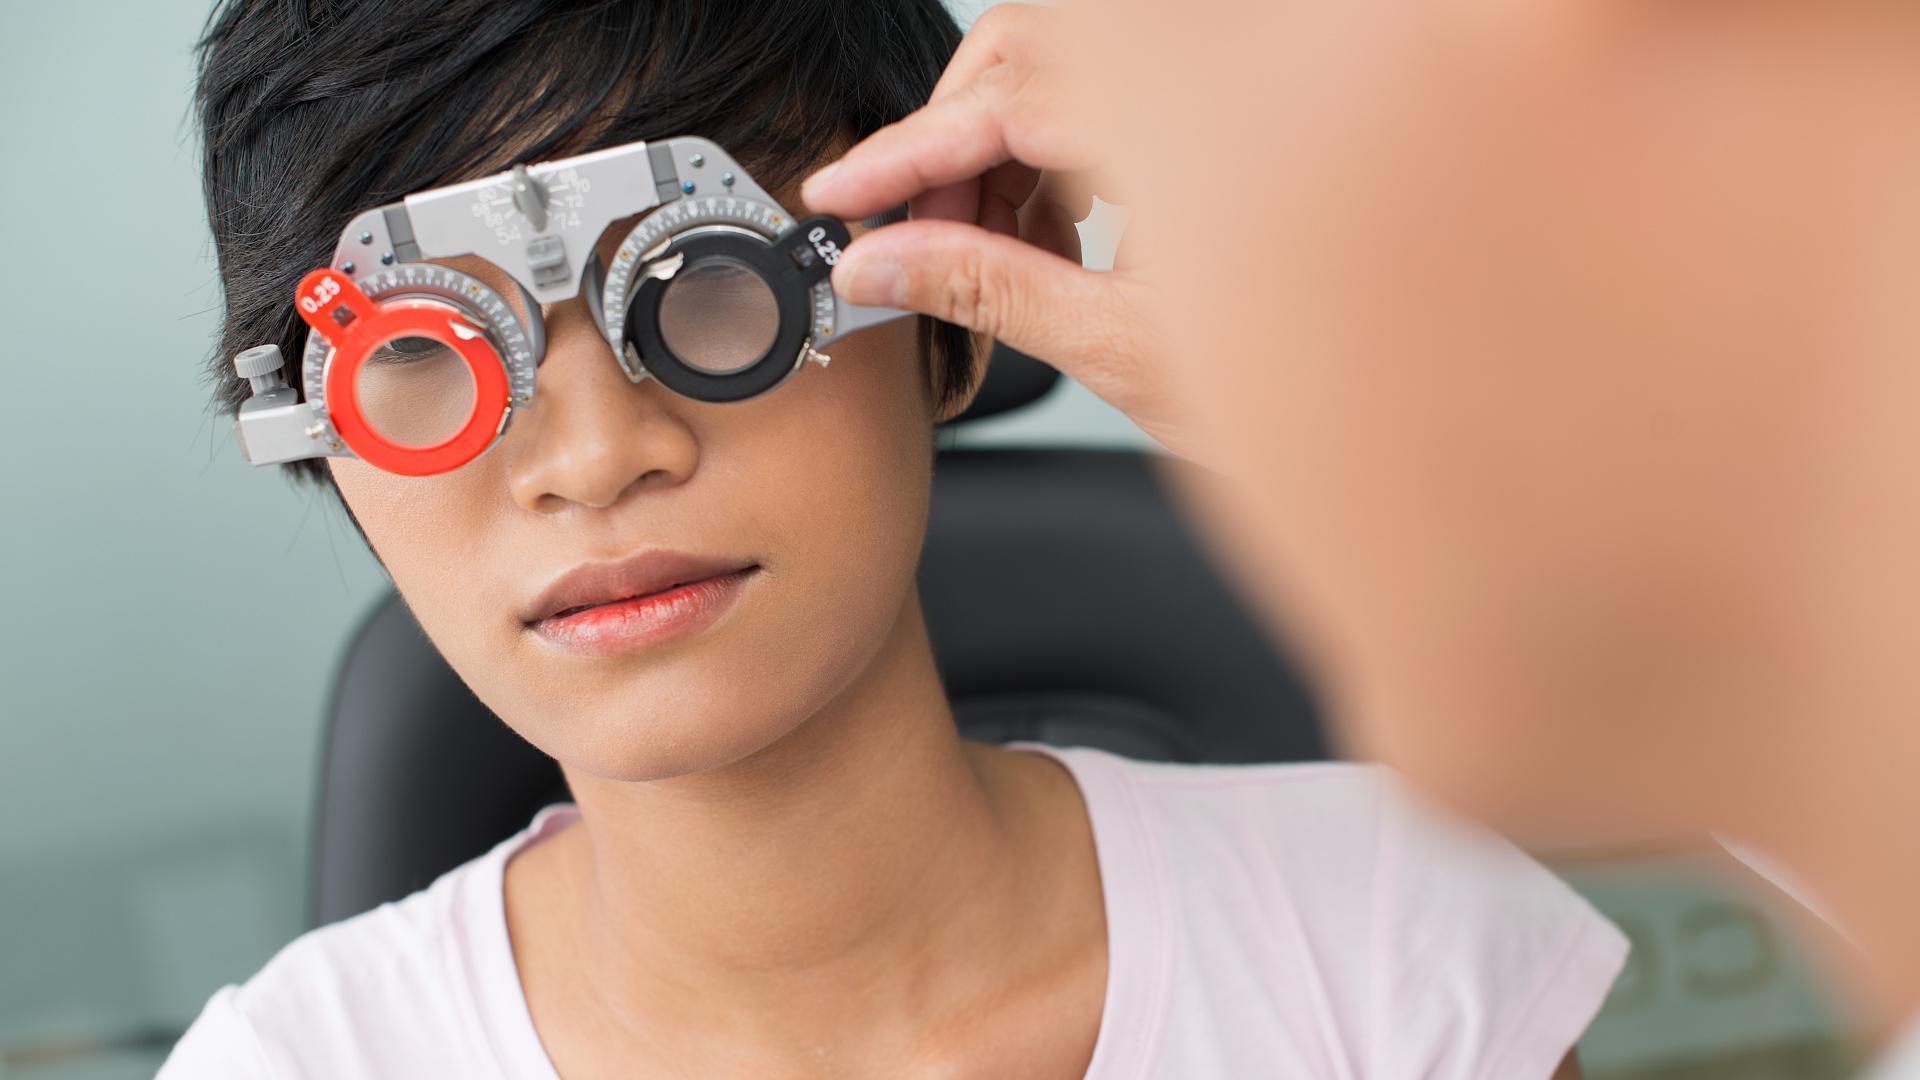 Стимуляция мозга электрическим током улучшает зрение человека